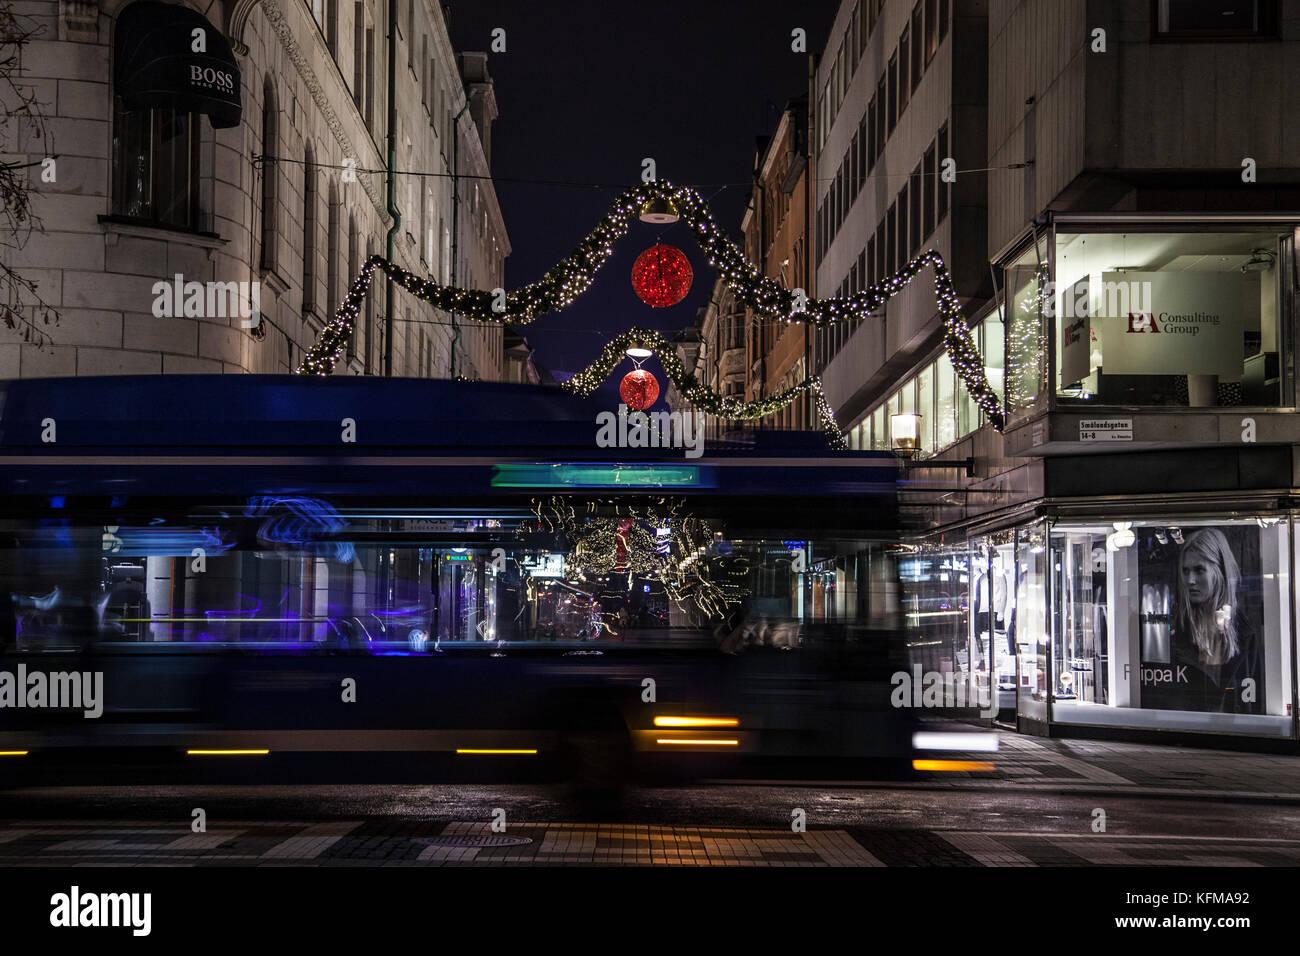 Buss / Bus - Stock Image